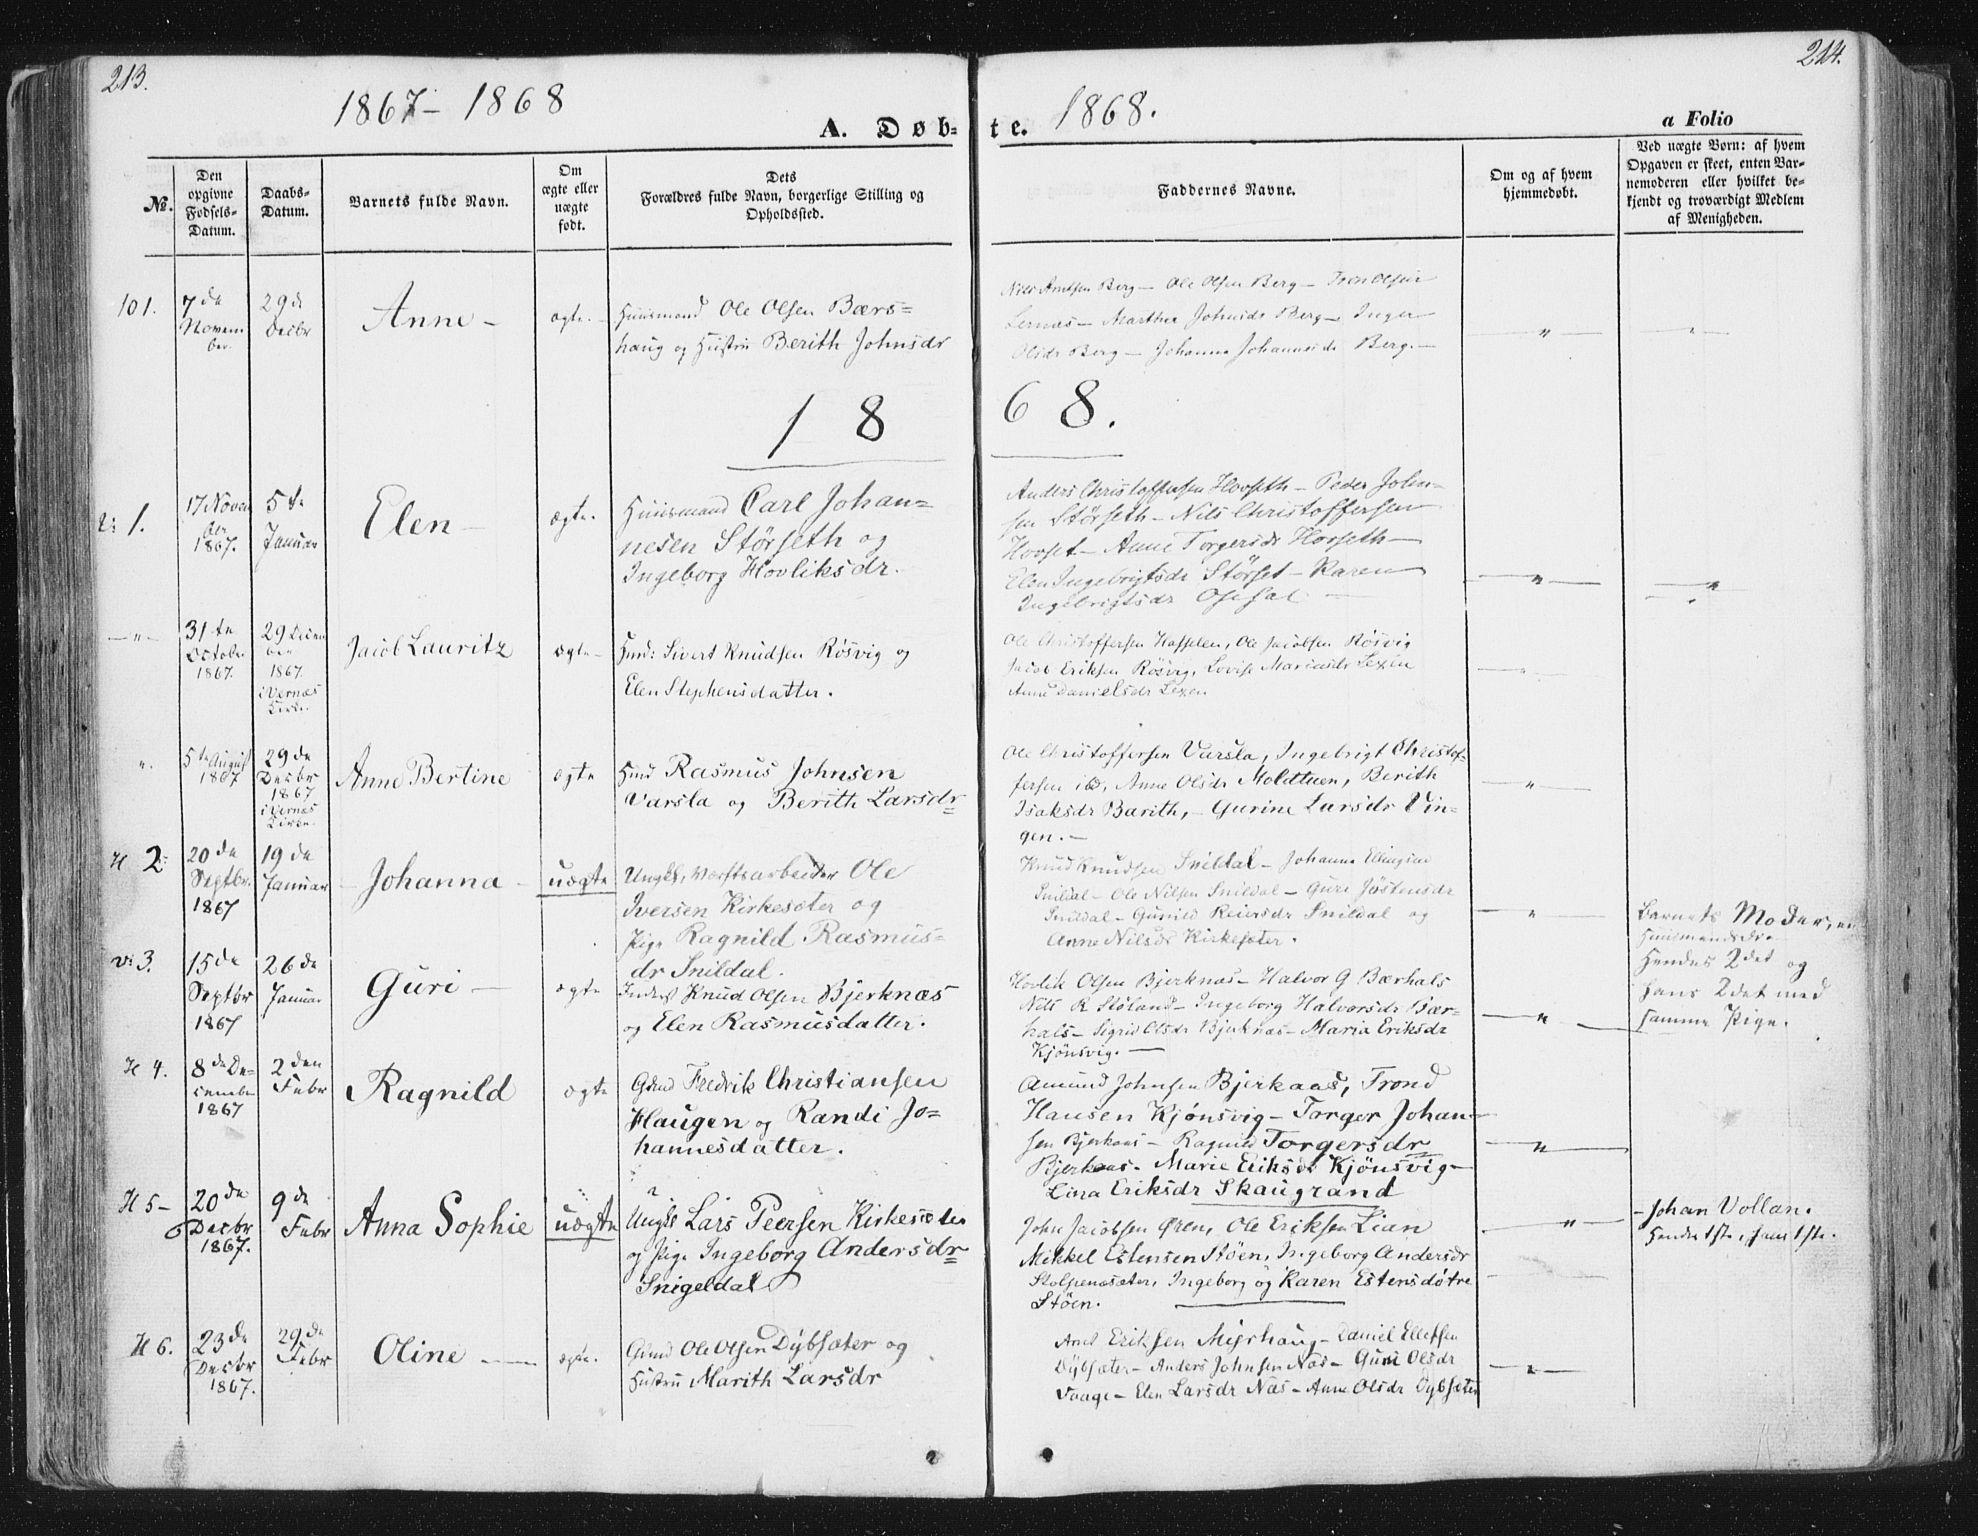 SAT, Ministerialprotokoller, klokkerbøker og fødselsregistre - Sør-Trøndelag, 630/L0494: Ministerialbok nr. 630A07, 1852-1868, s. 213-214